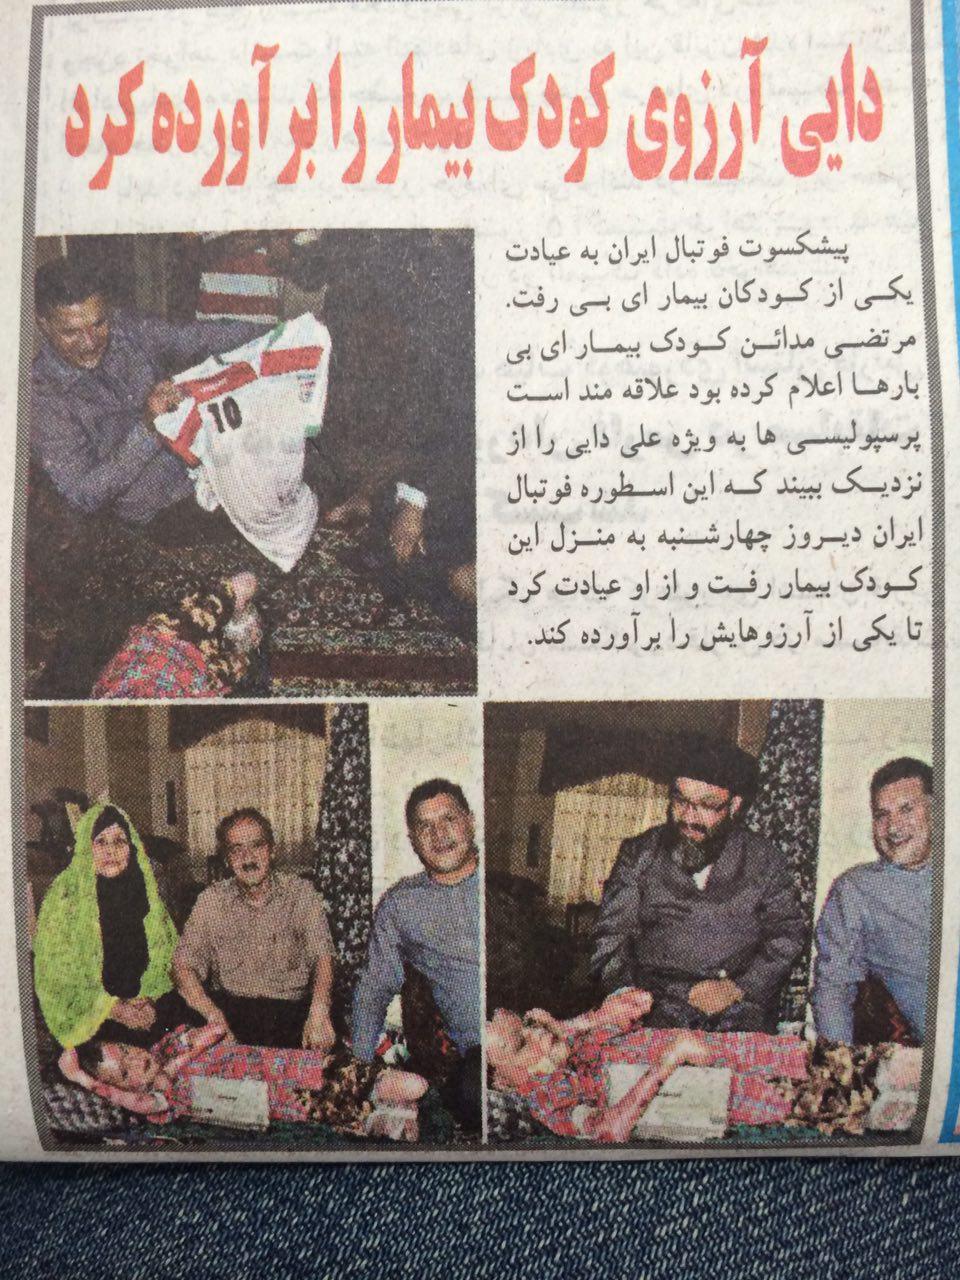 دایی آرزوی کودک بیمار را برآورده کرد+ تصاویر